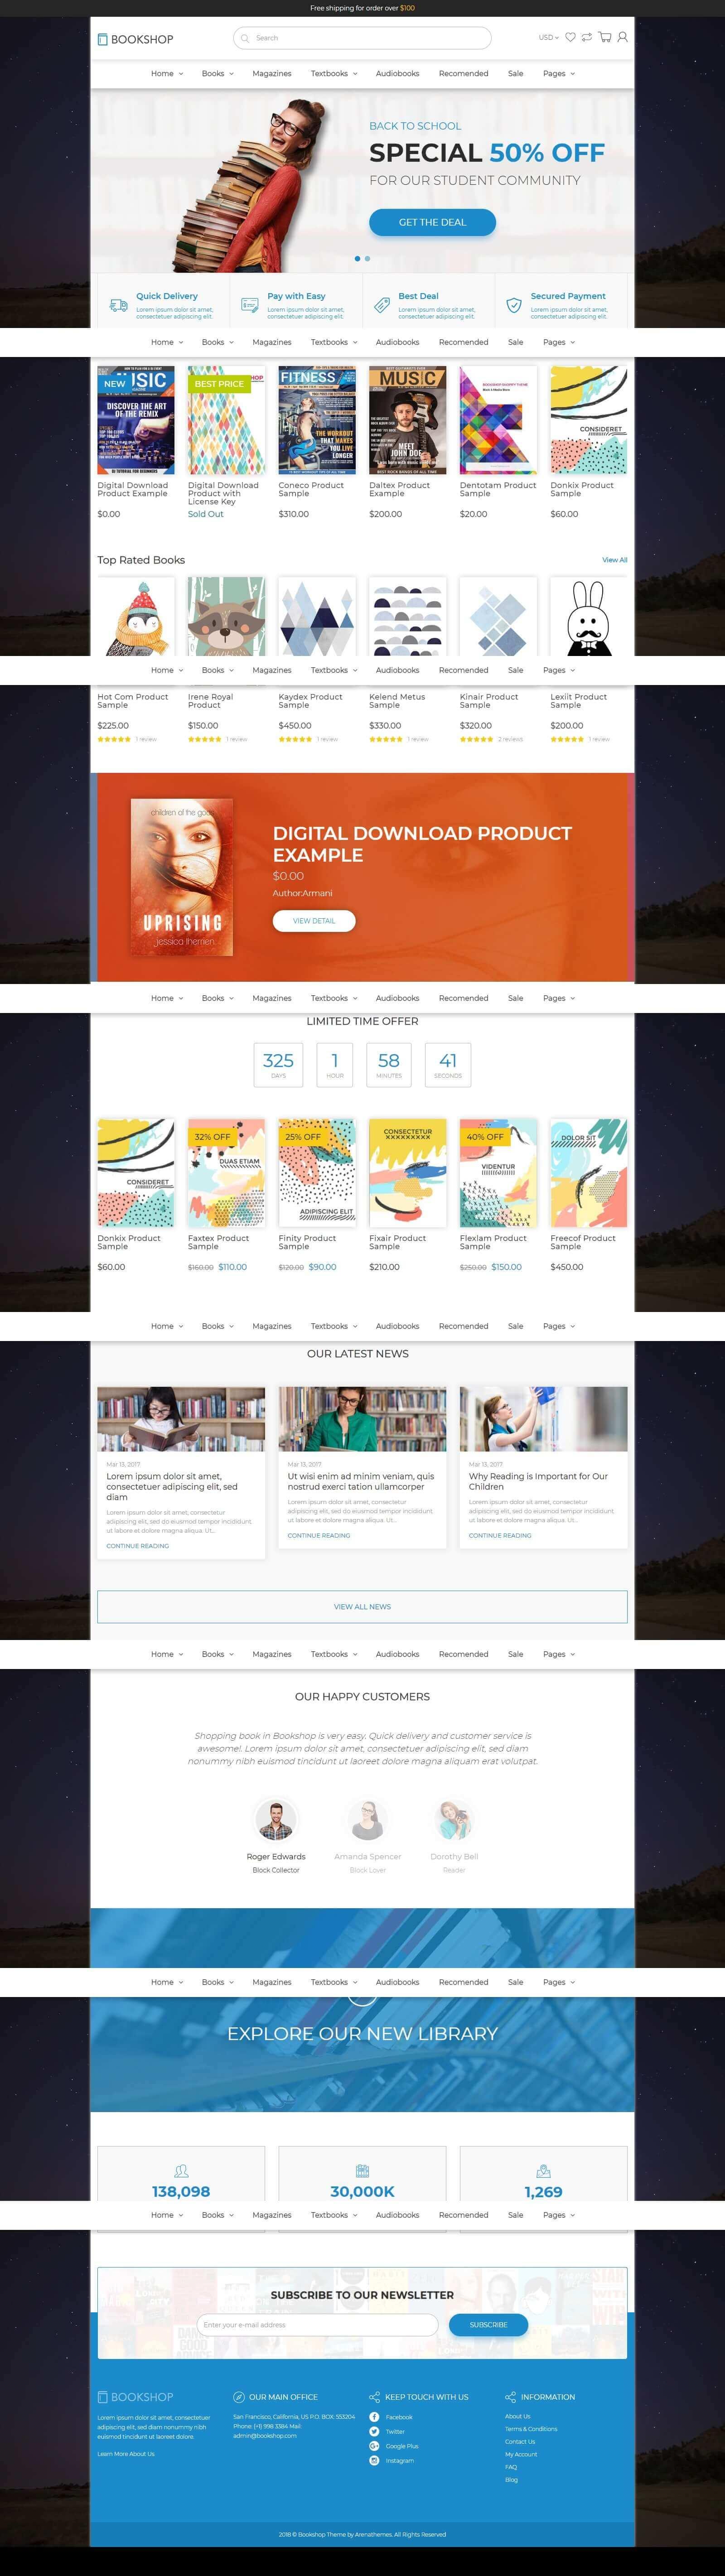 Mẫu website bán sách đẹp mắt, chuẩn seo